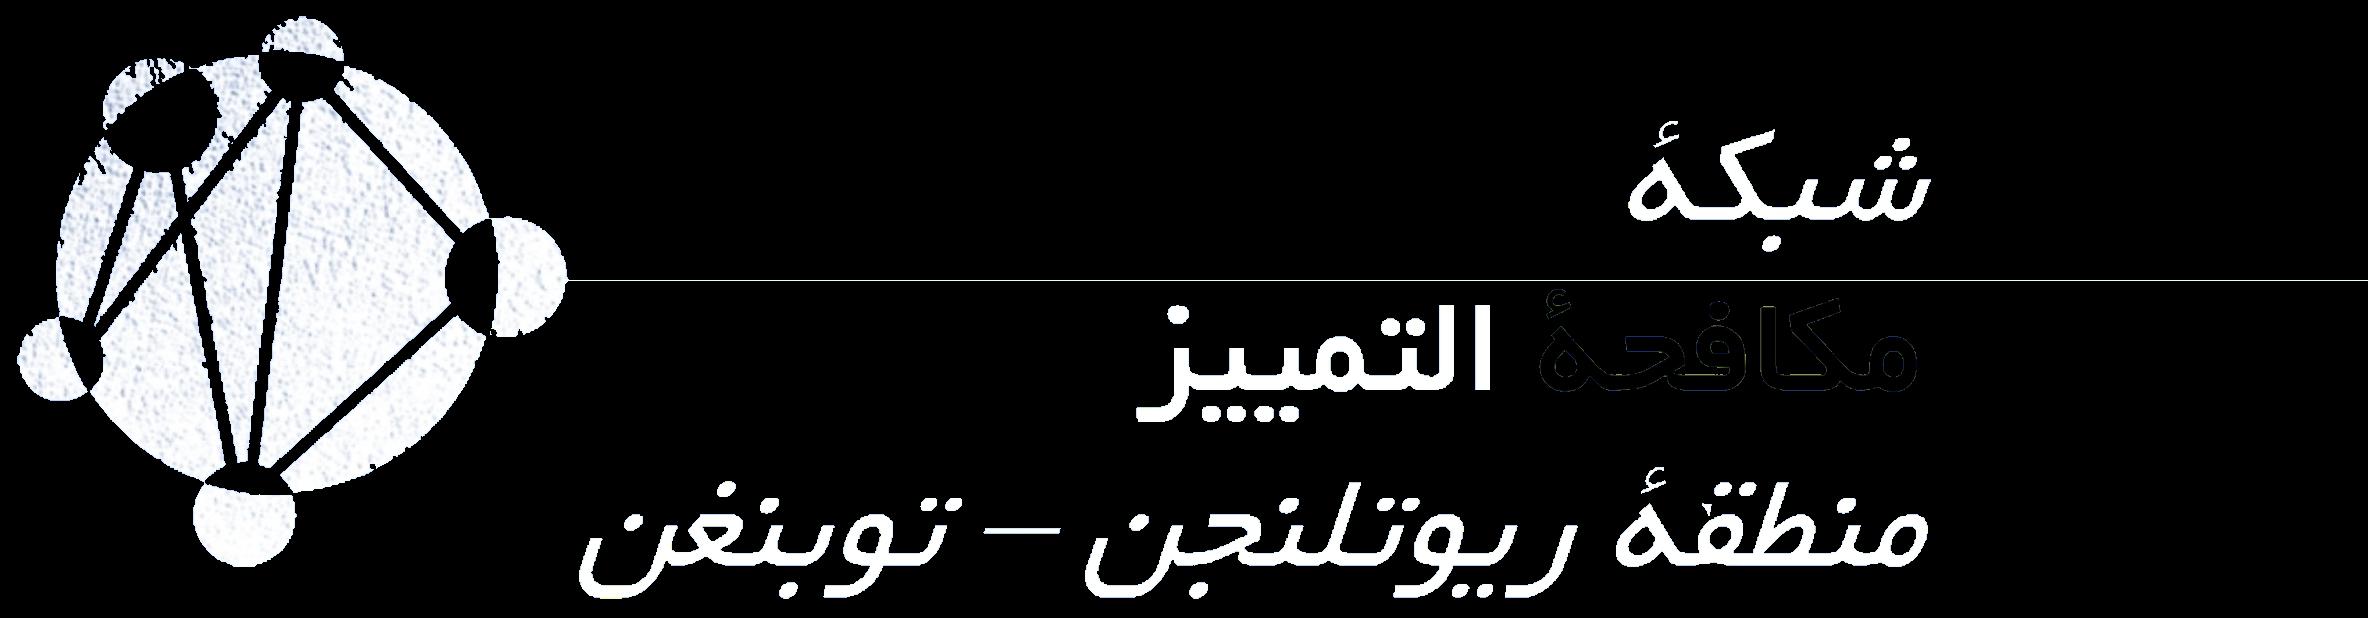 Netzwerk Antidiskriminierung- arabisch